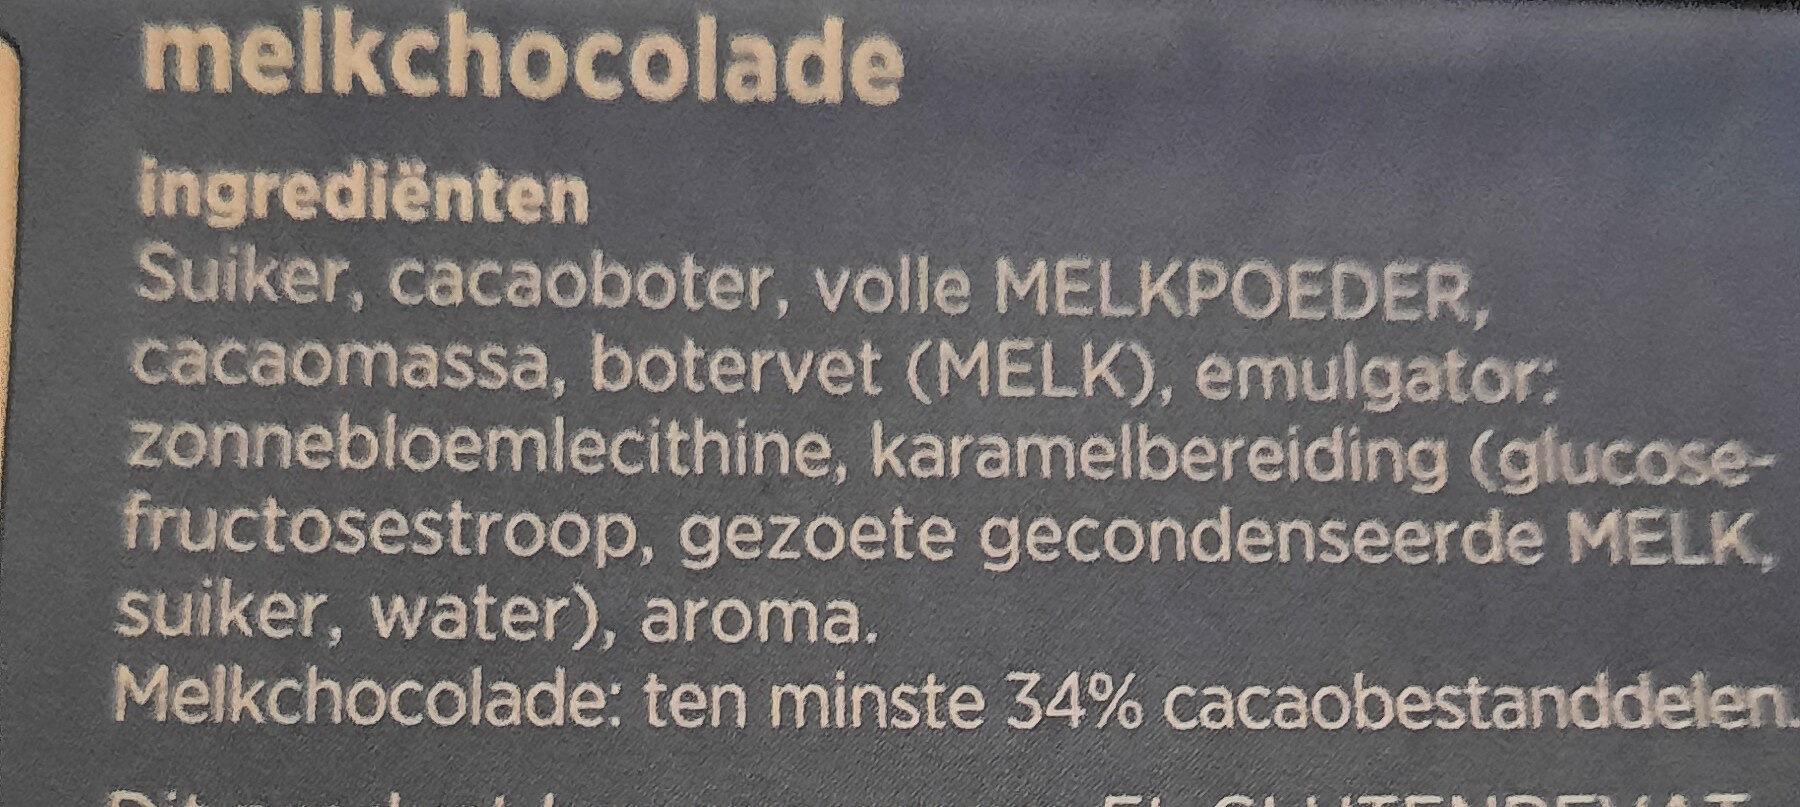 Melk Chocolade - Ingrediënten - nl